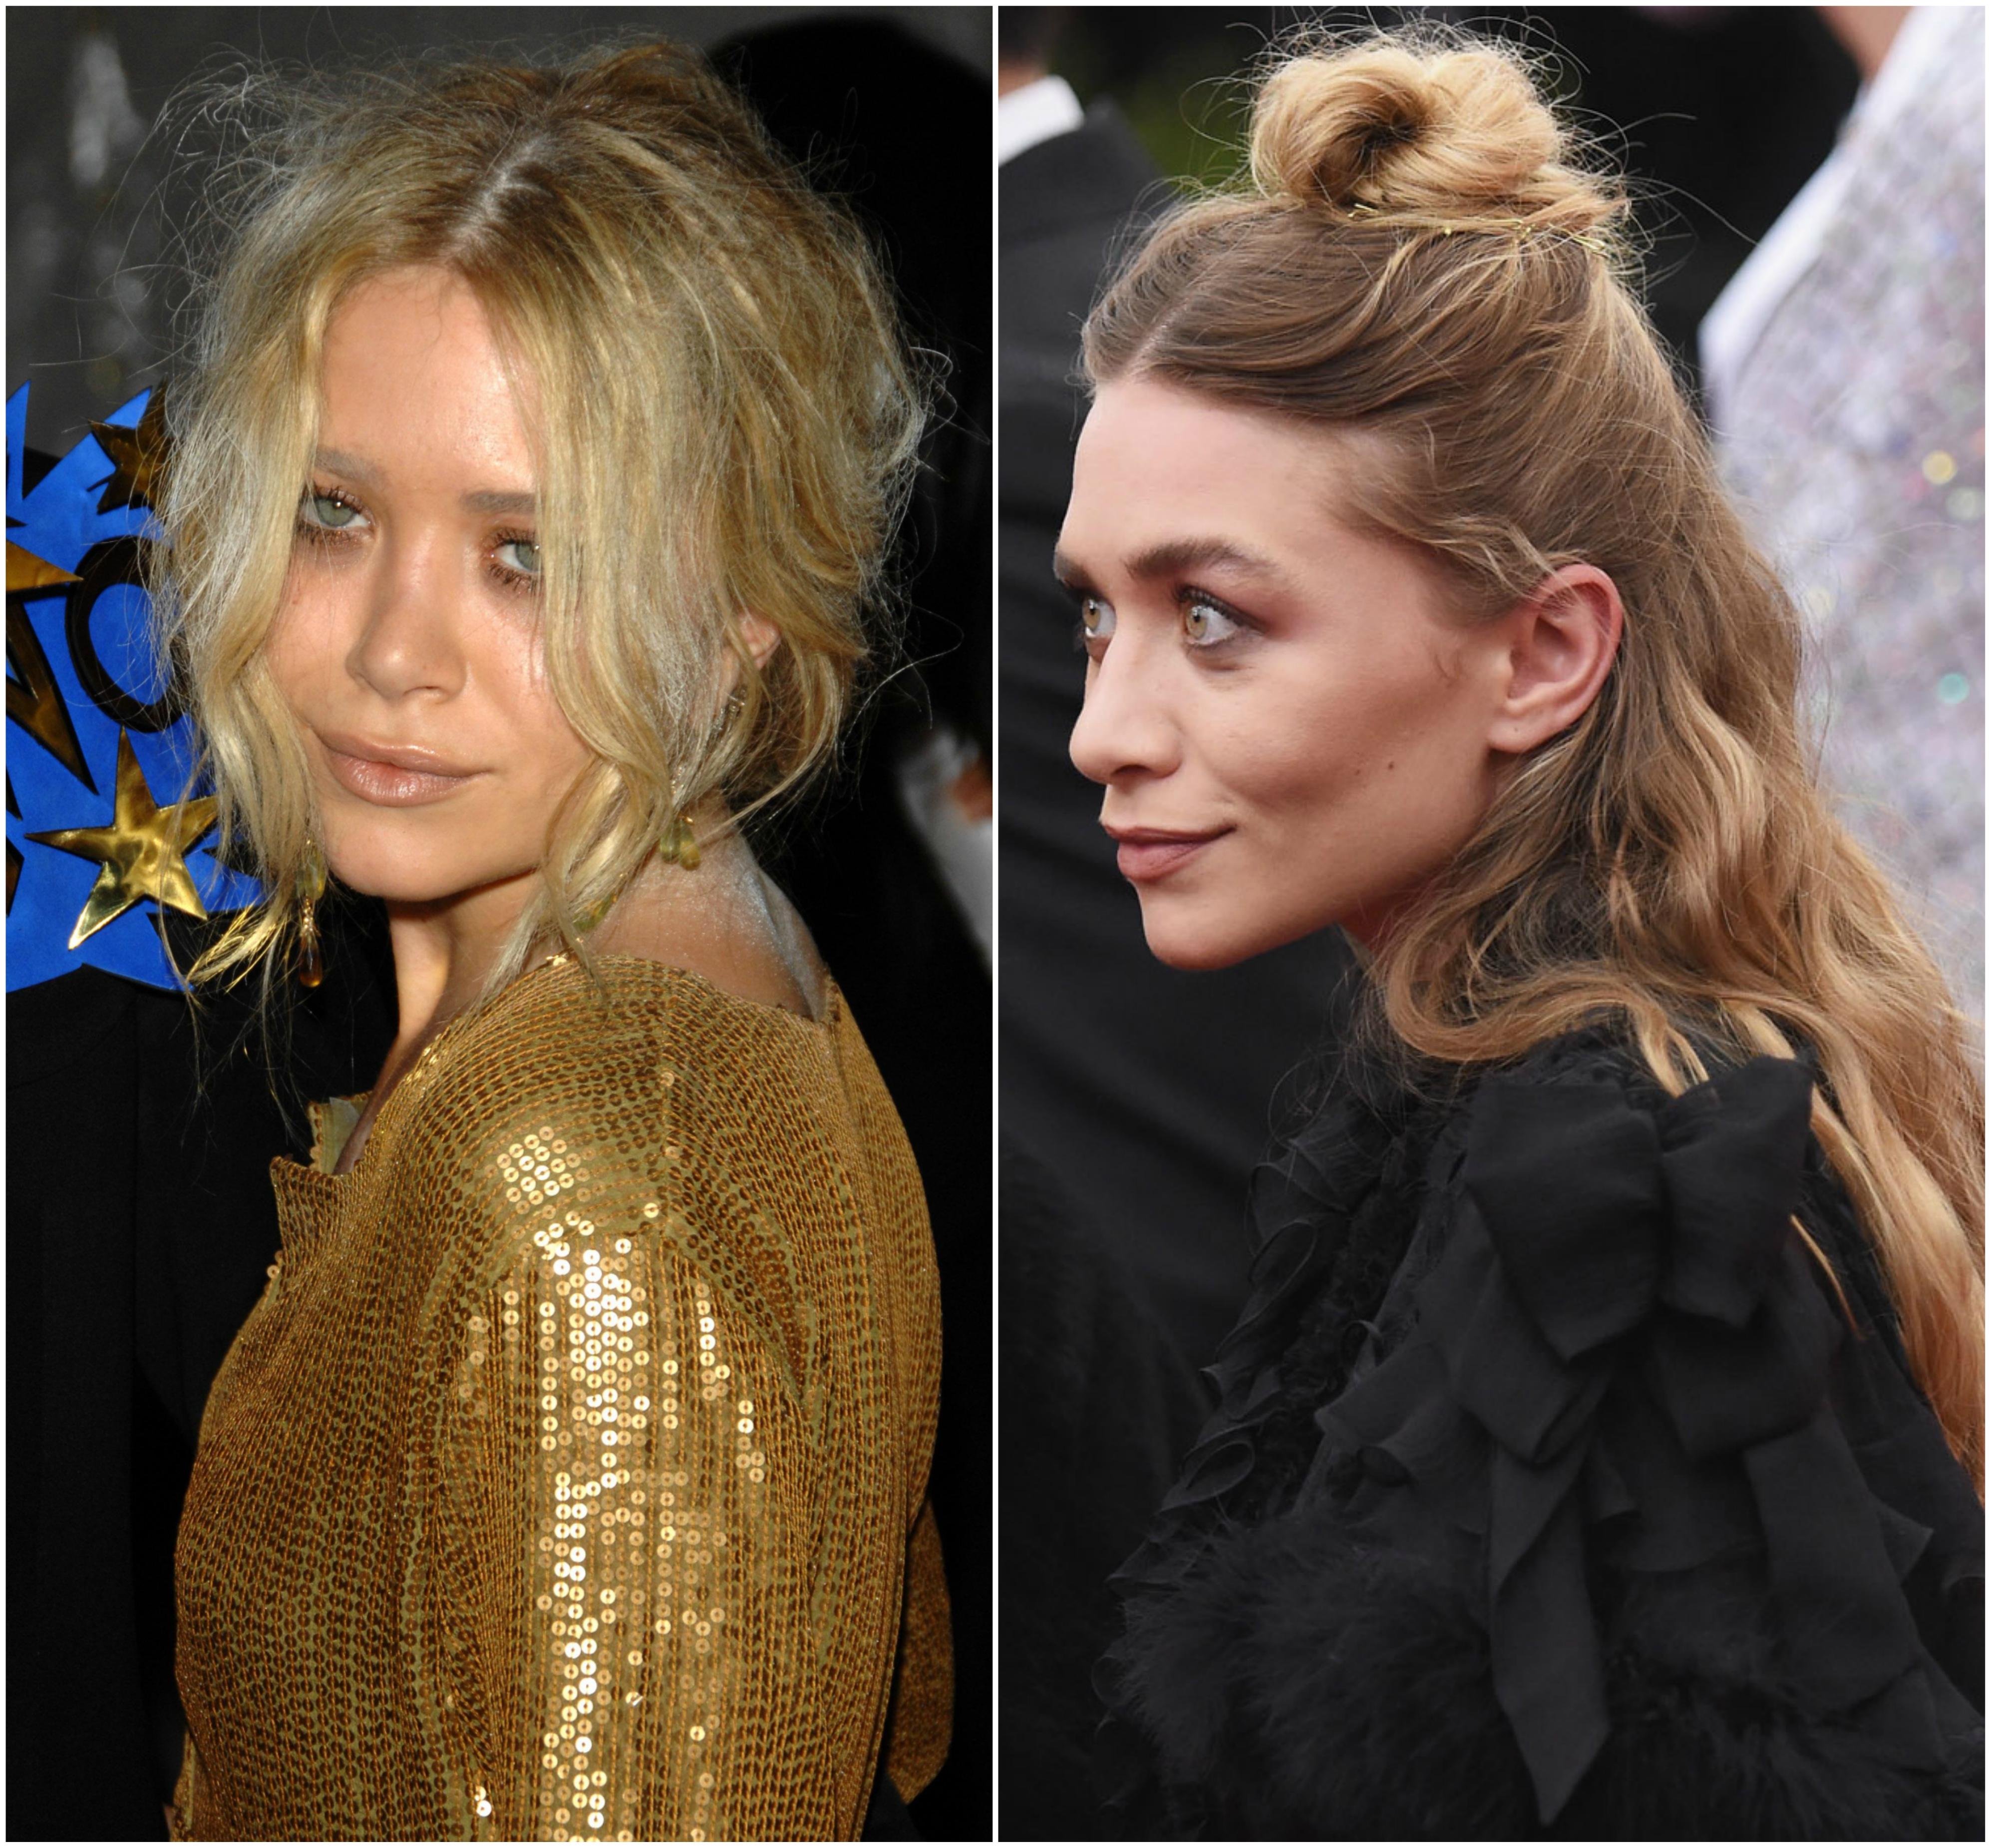 Lecciones de estilo que aprendimos de las gemelas Olsen - image pelo-olsen-vanidad on https://www.vanidad.es